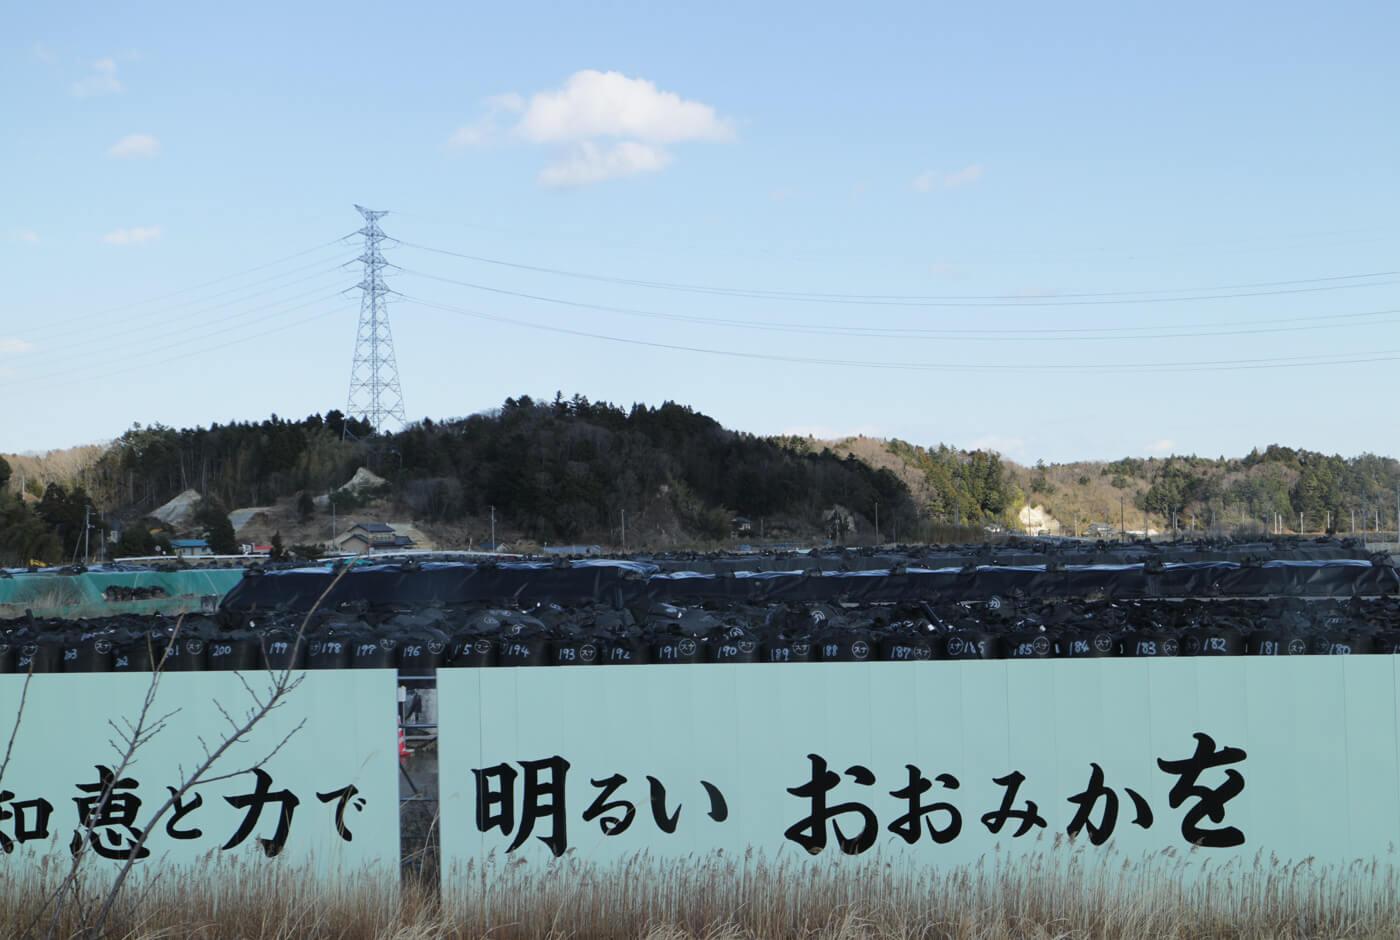 見渡す限りの除染廃棄物の山